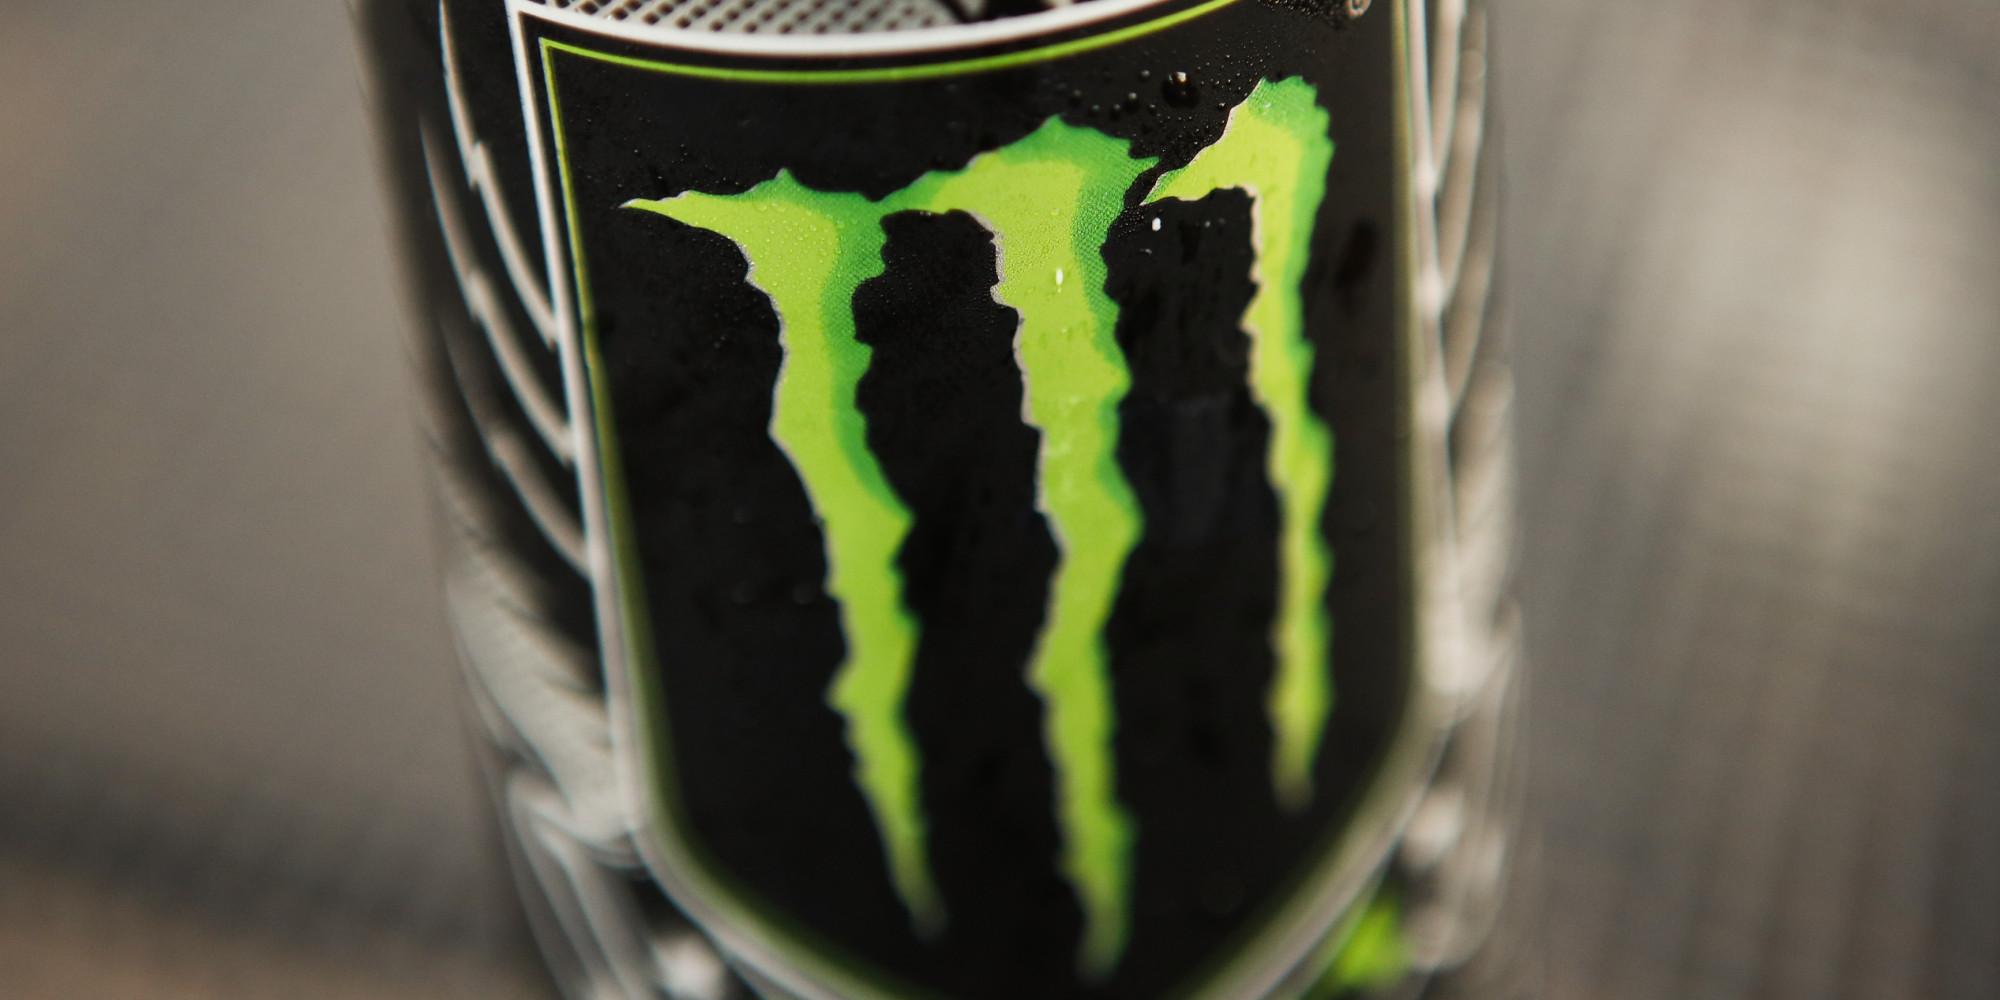 Green Monster Energy Drink Monster Energy Drinks Promote